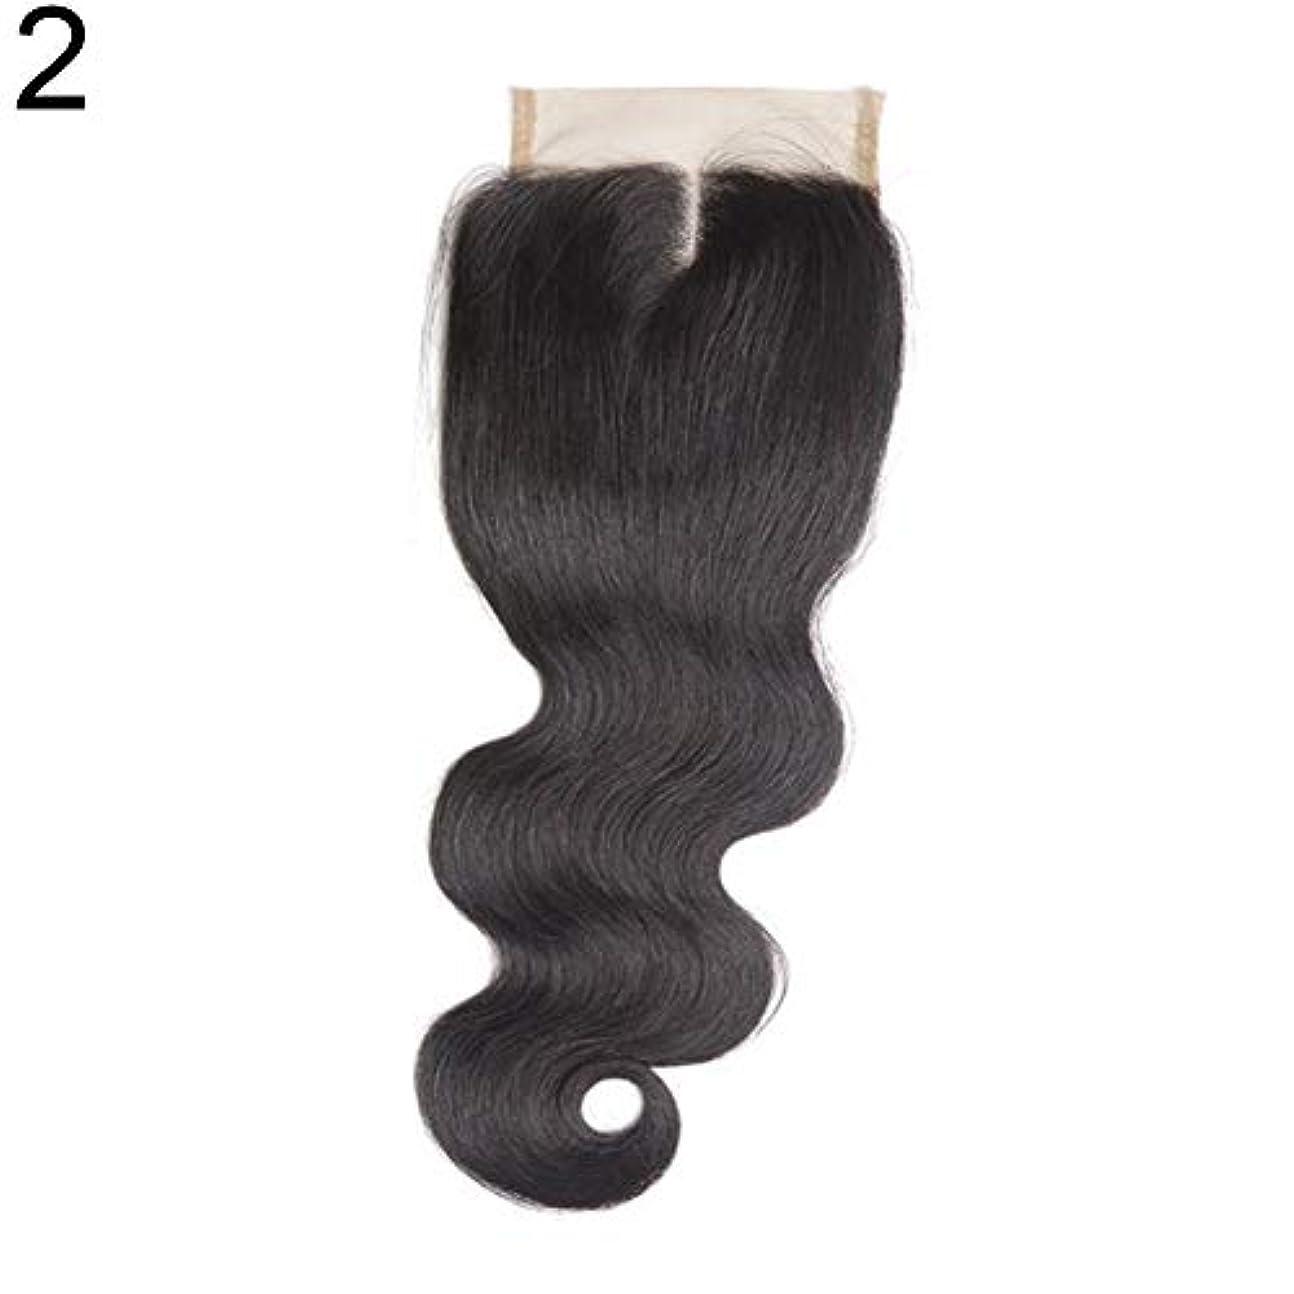 パーフェルビッド周囲ブランチslQinjiansav女性ウィッグ修理ツールブラジルのミドル/フリー/3部人間の髪のレース閉鎖ウィッグ黒ヘアピース